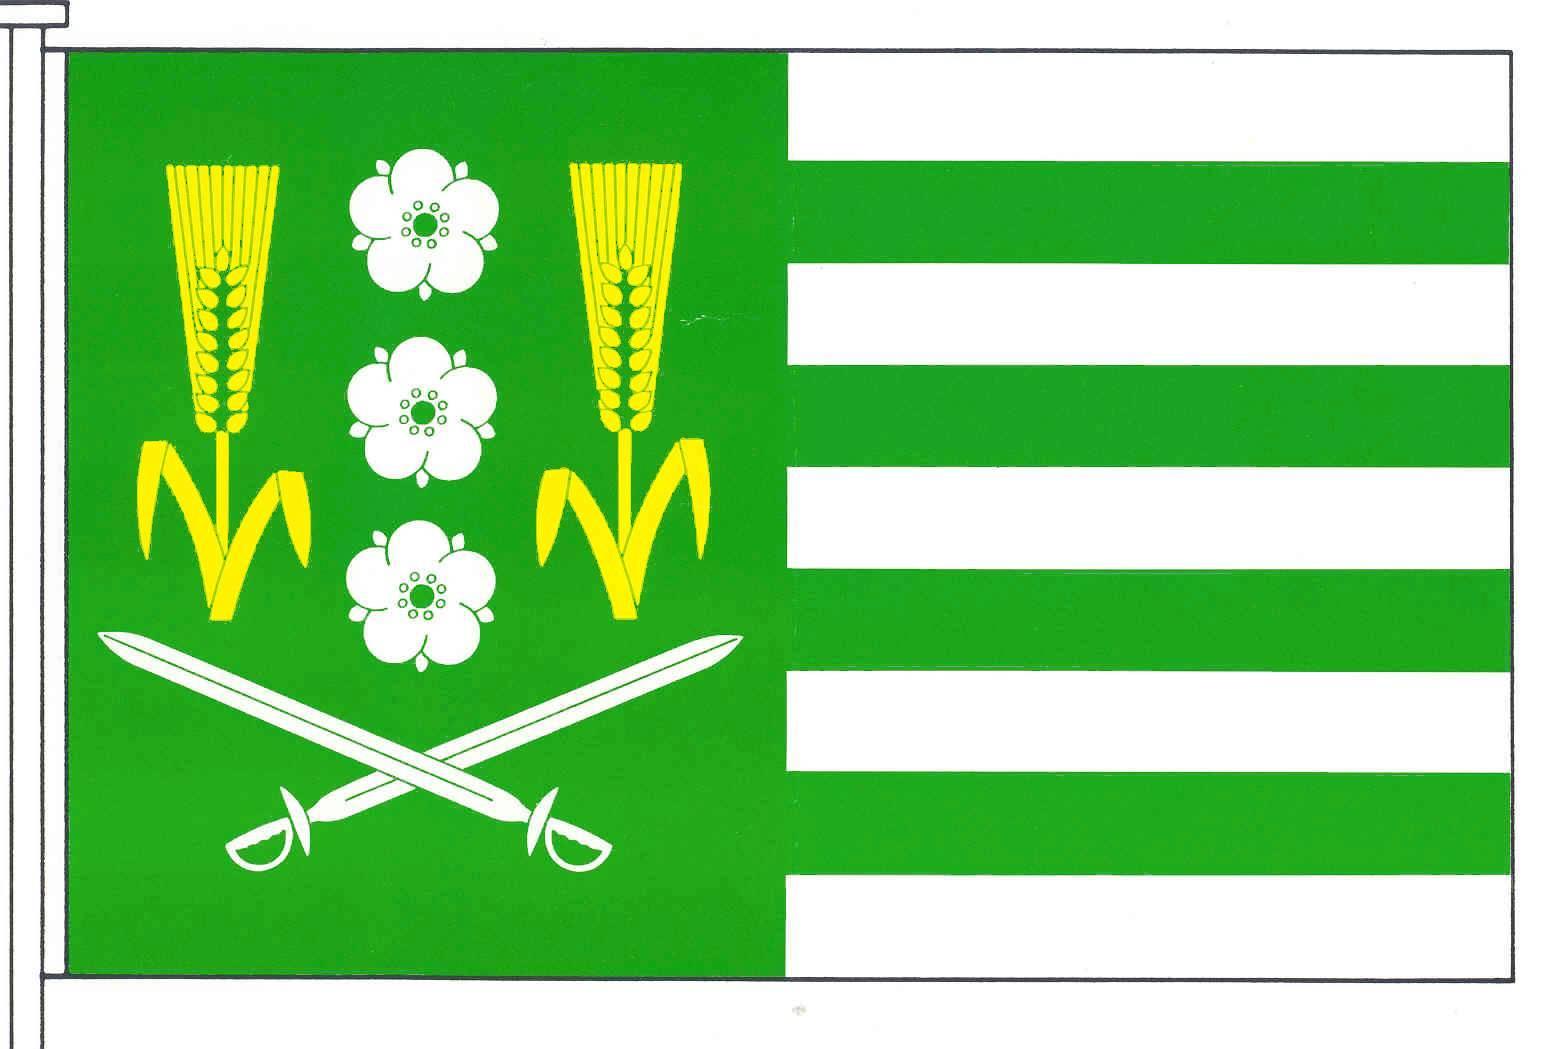 Flagge GemeindeSüderhastedt, Kreis Dithmarschen